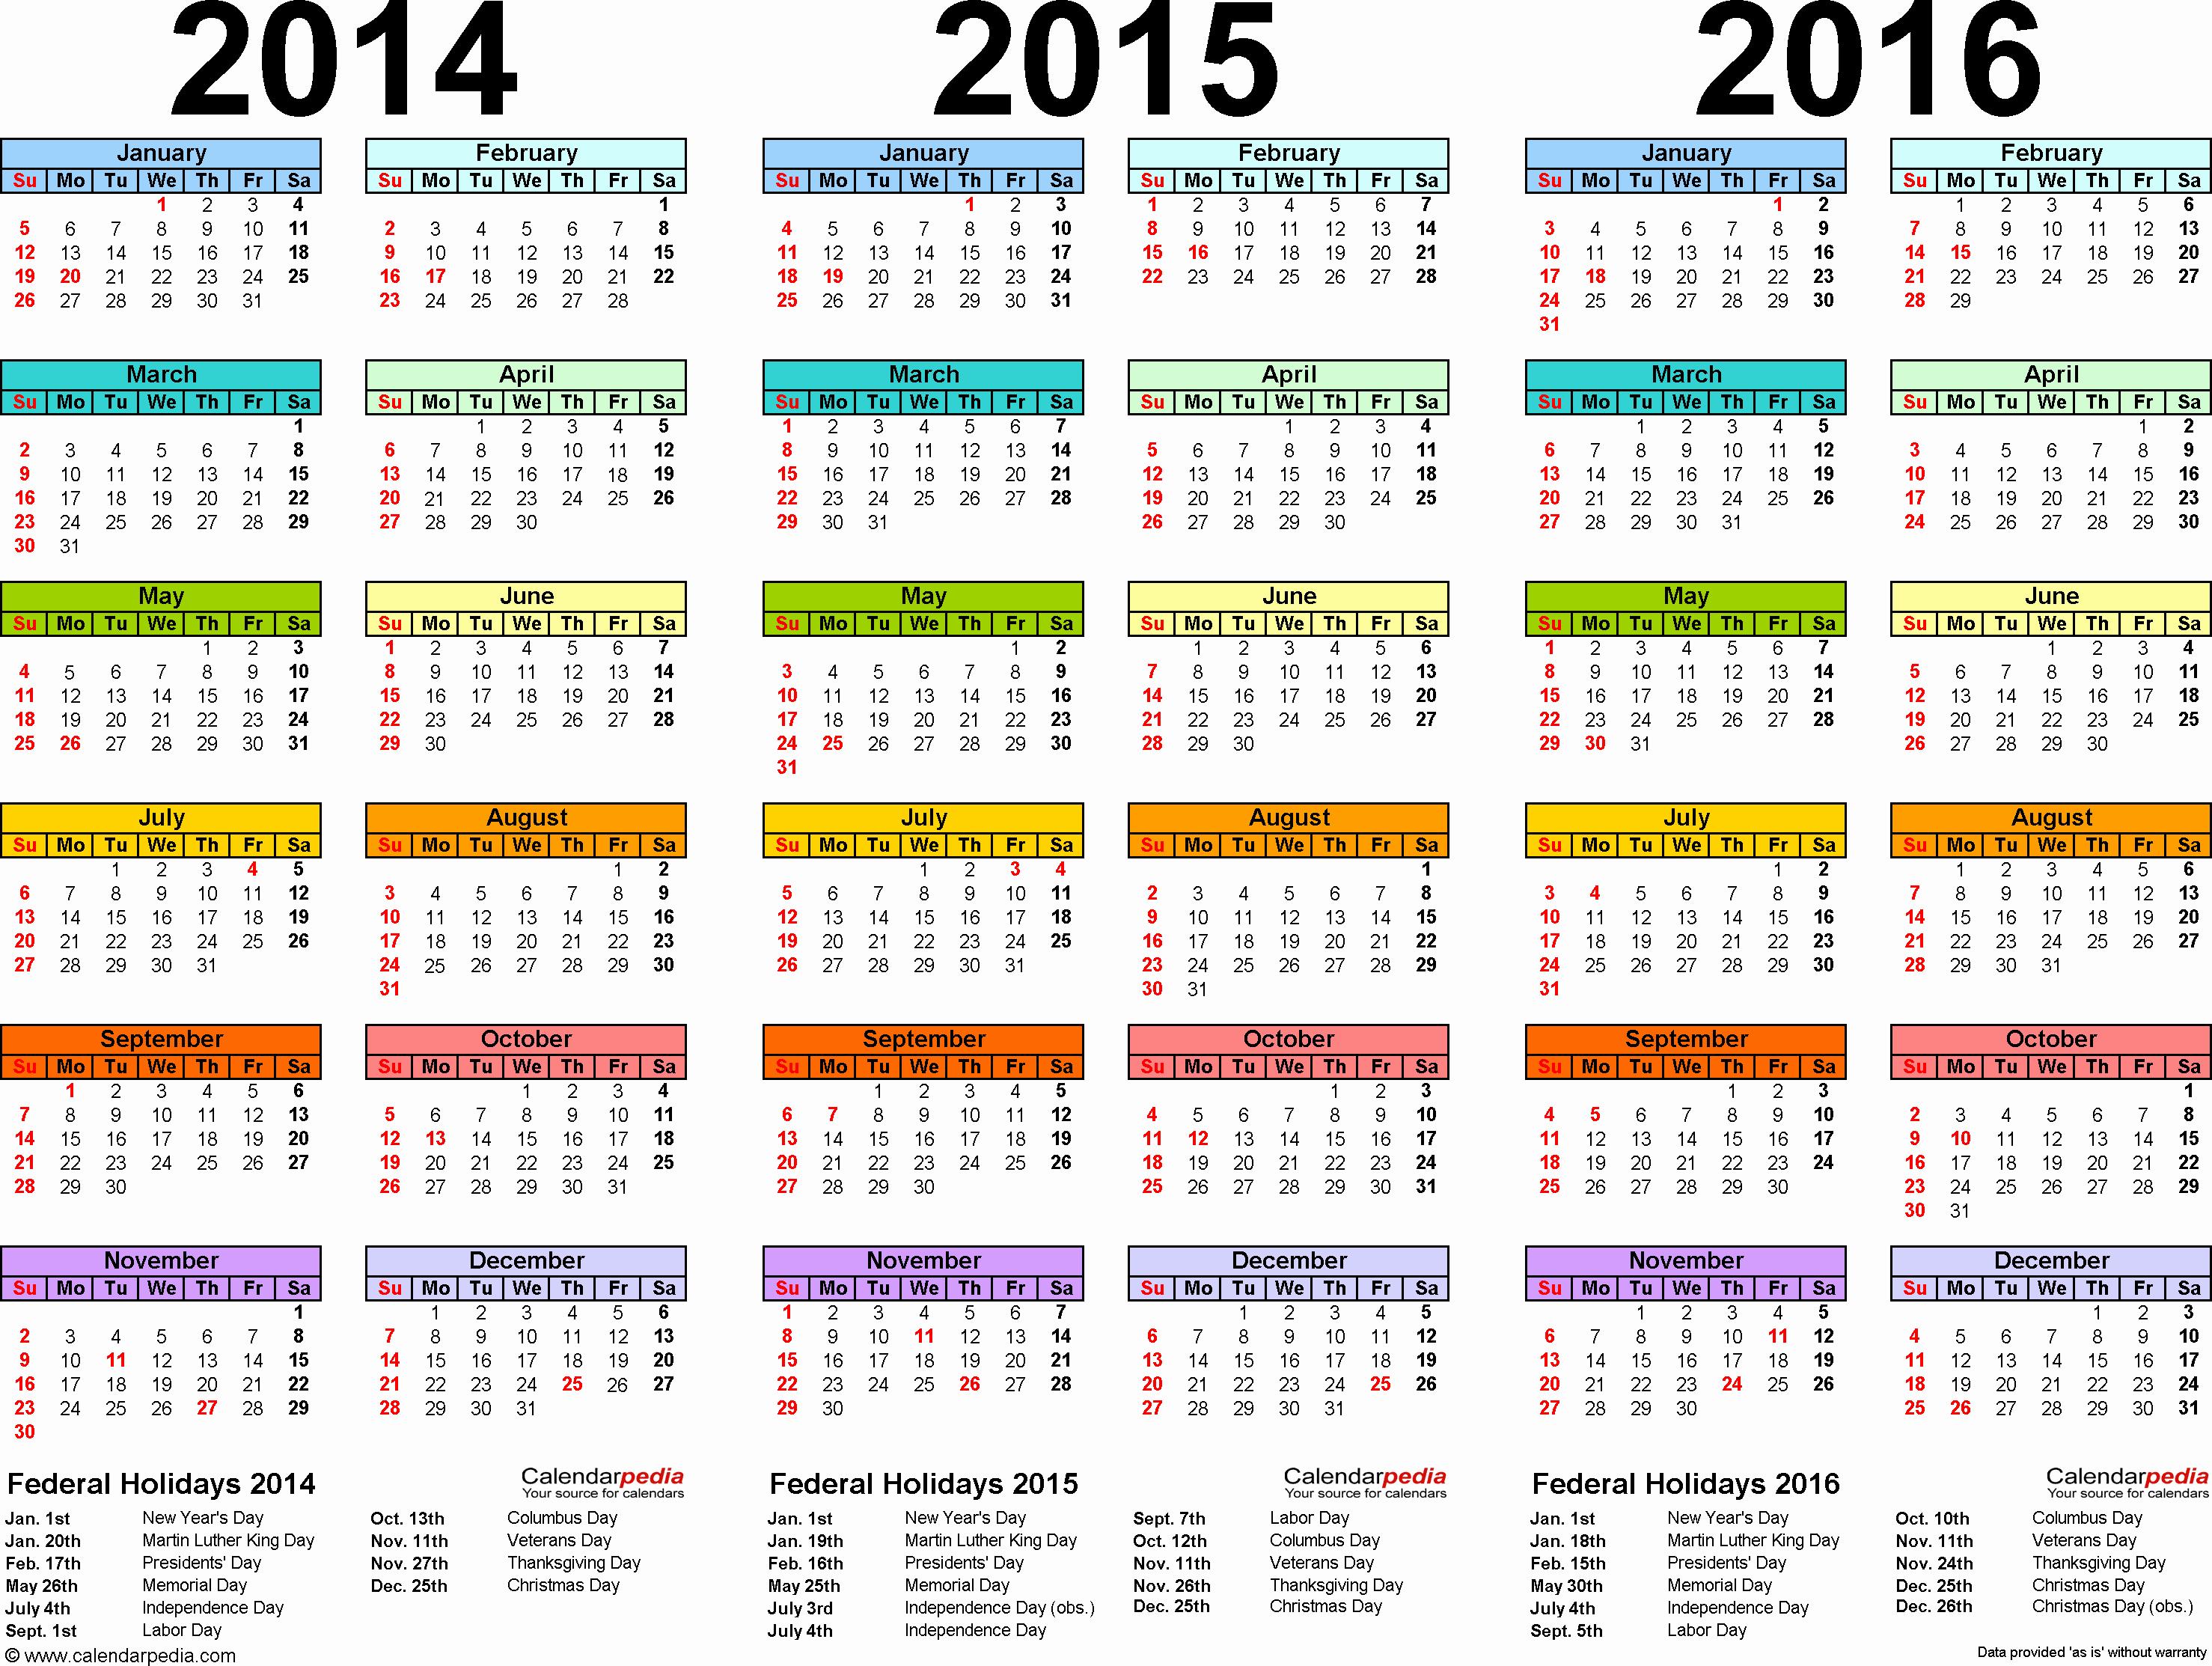 Calendar 2016-17 Template Fresh 2016 17 School Year Calendar Template